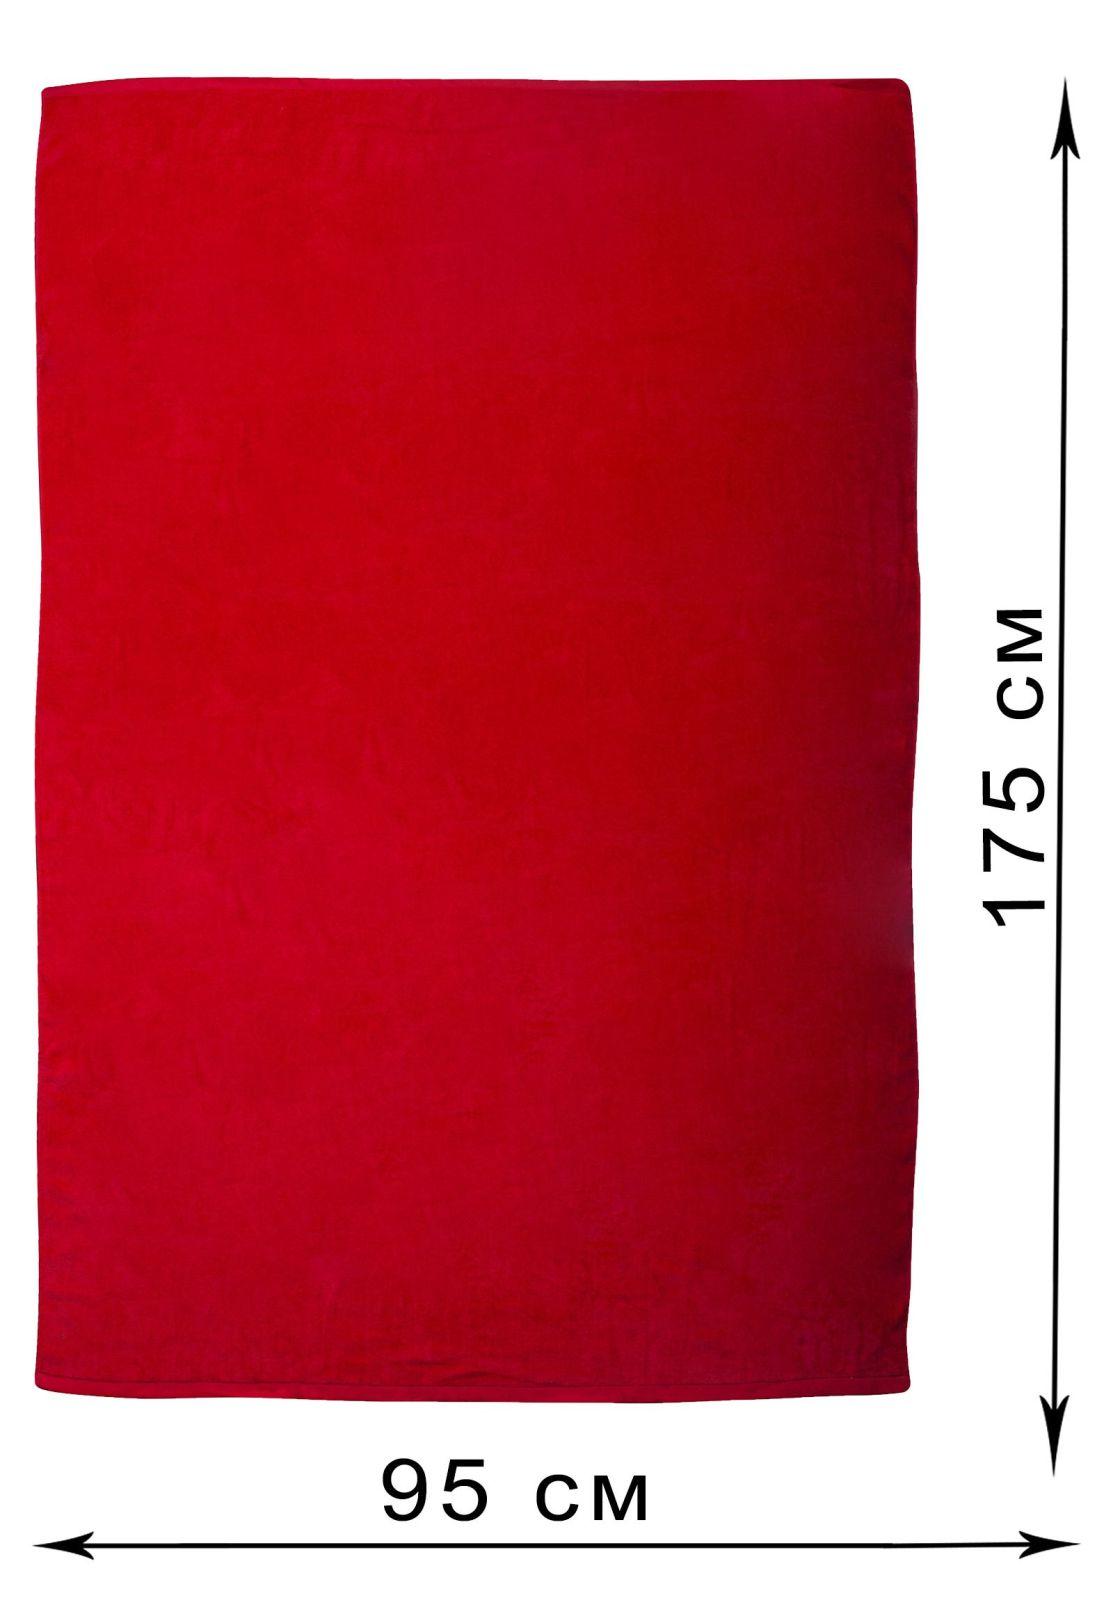 Ярко-красное полотенце для отдыха